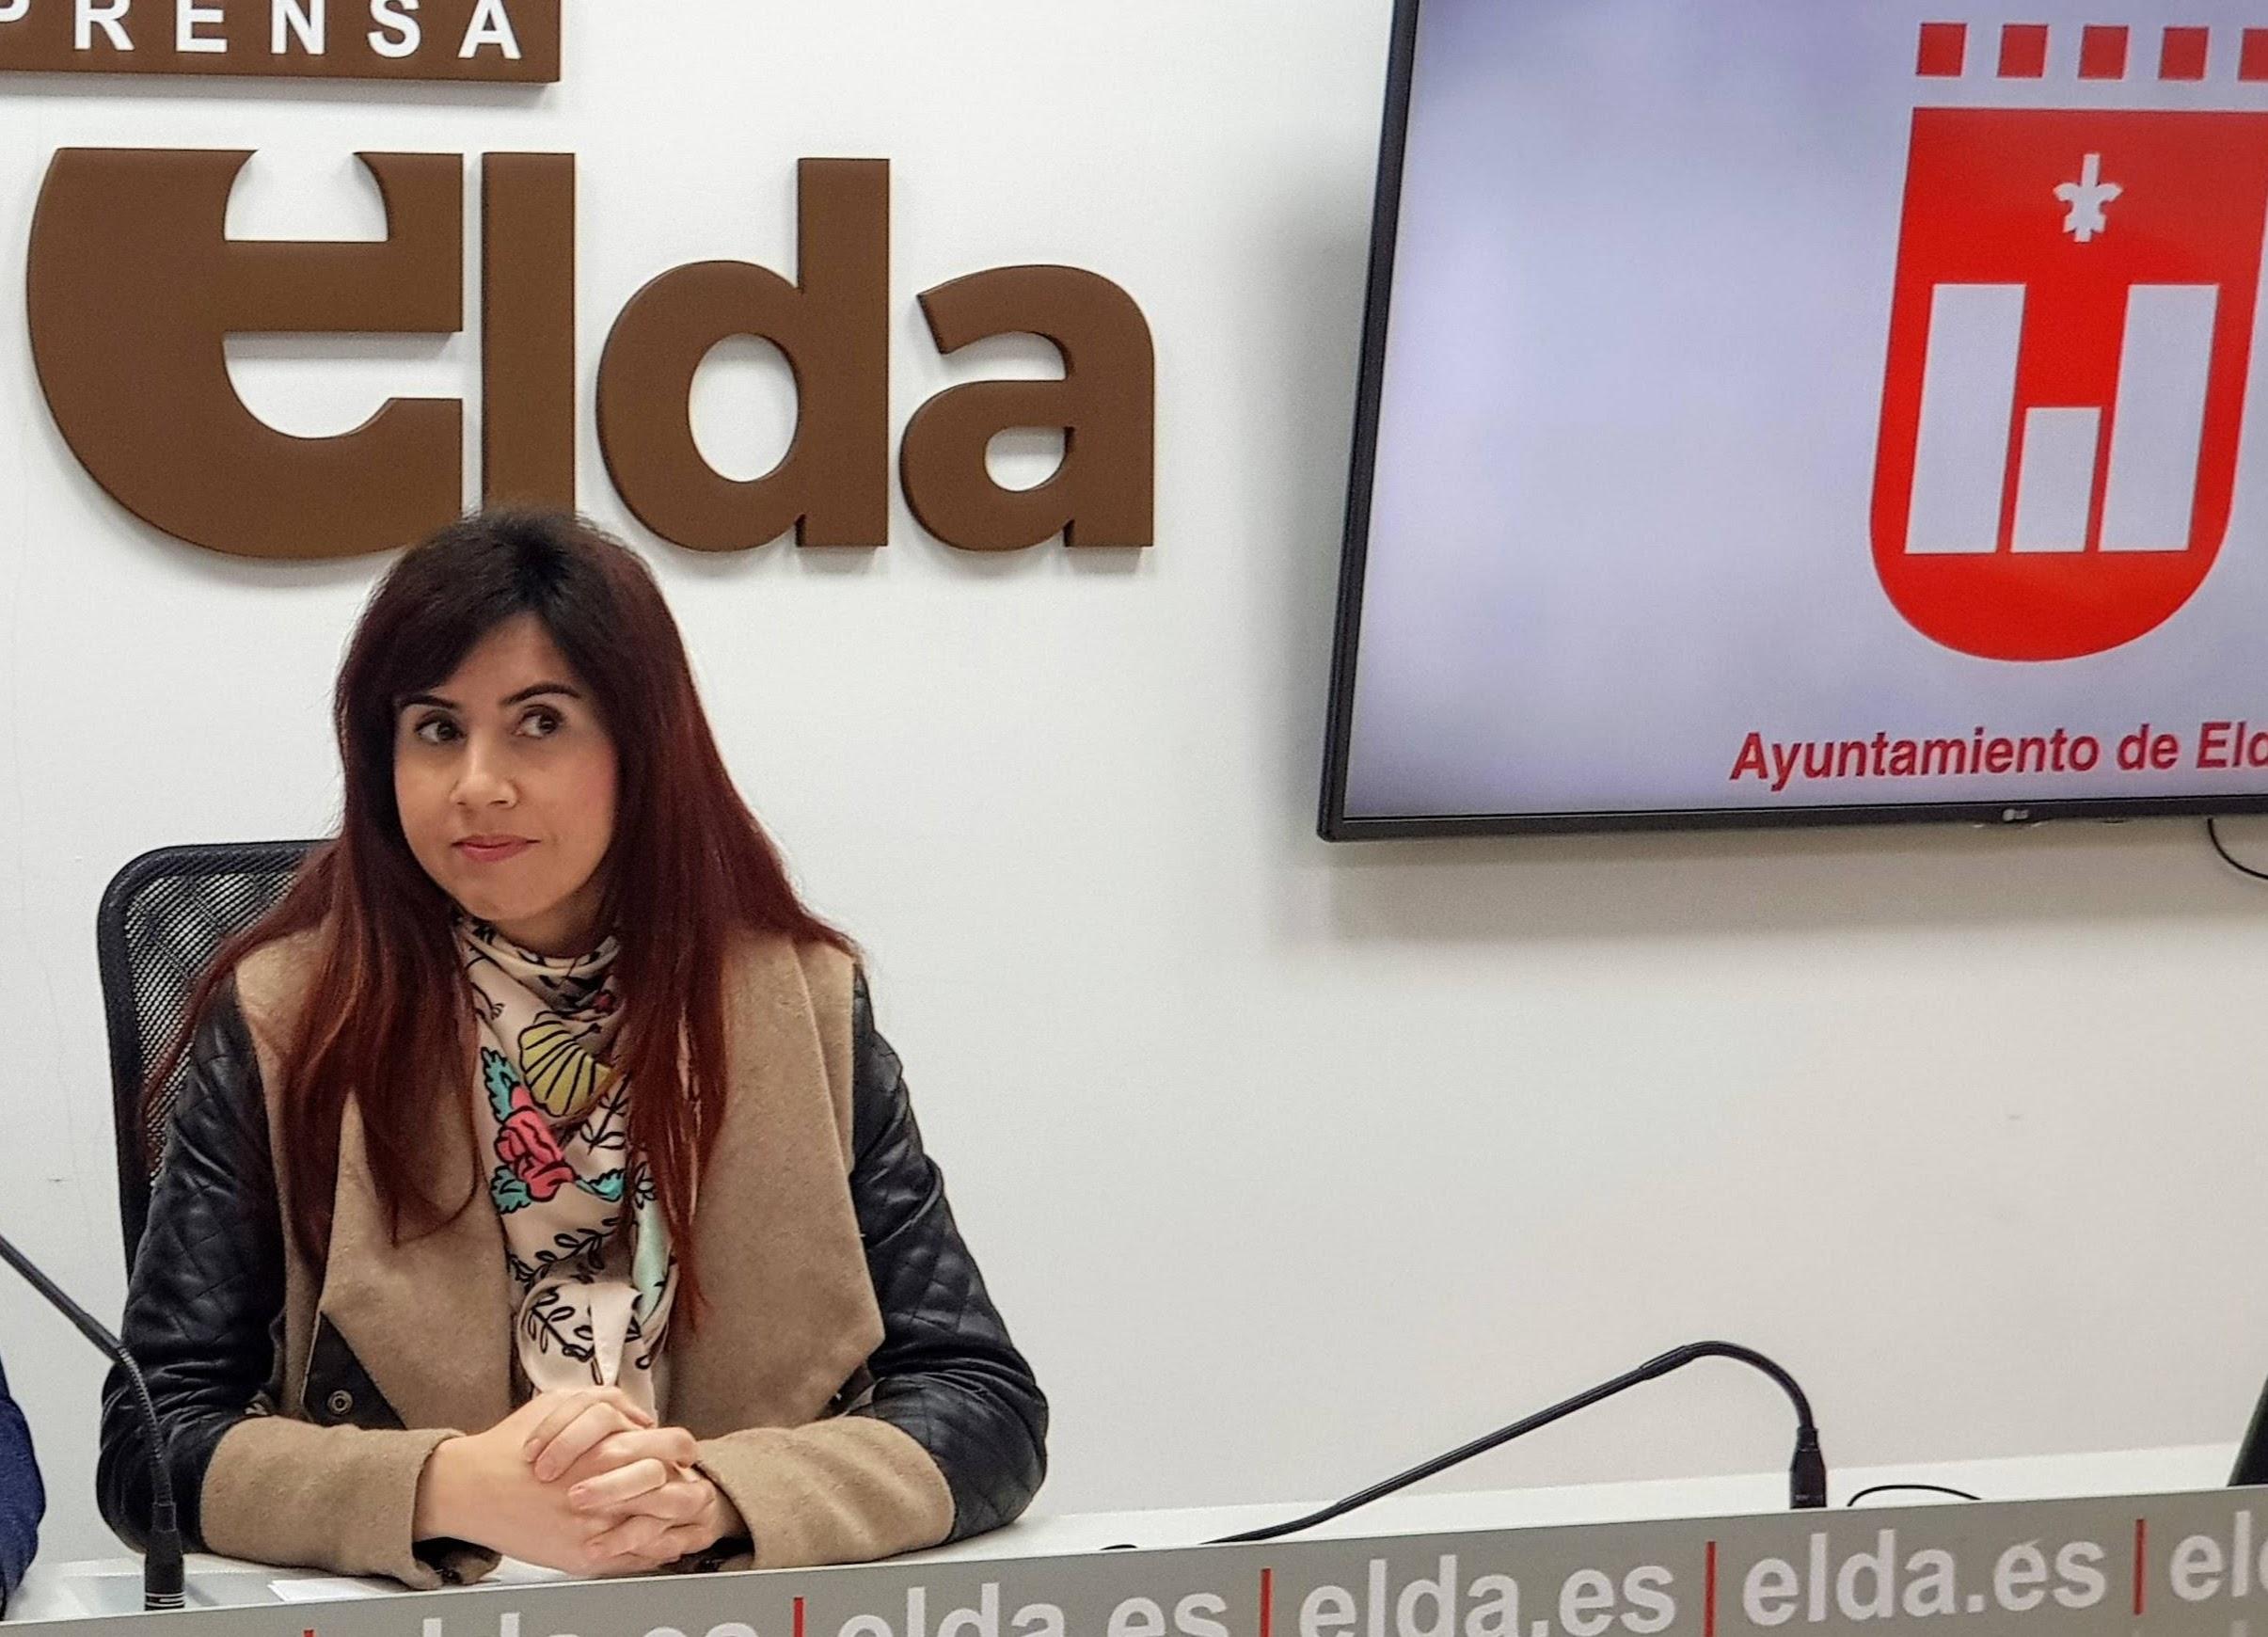 El IMSSE recibe ayudas de la Generalitat para programas que fomenten la igualdad